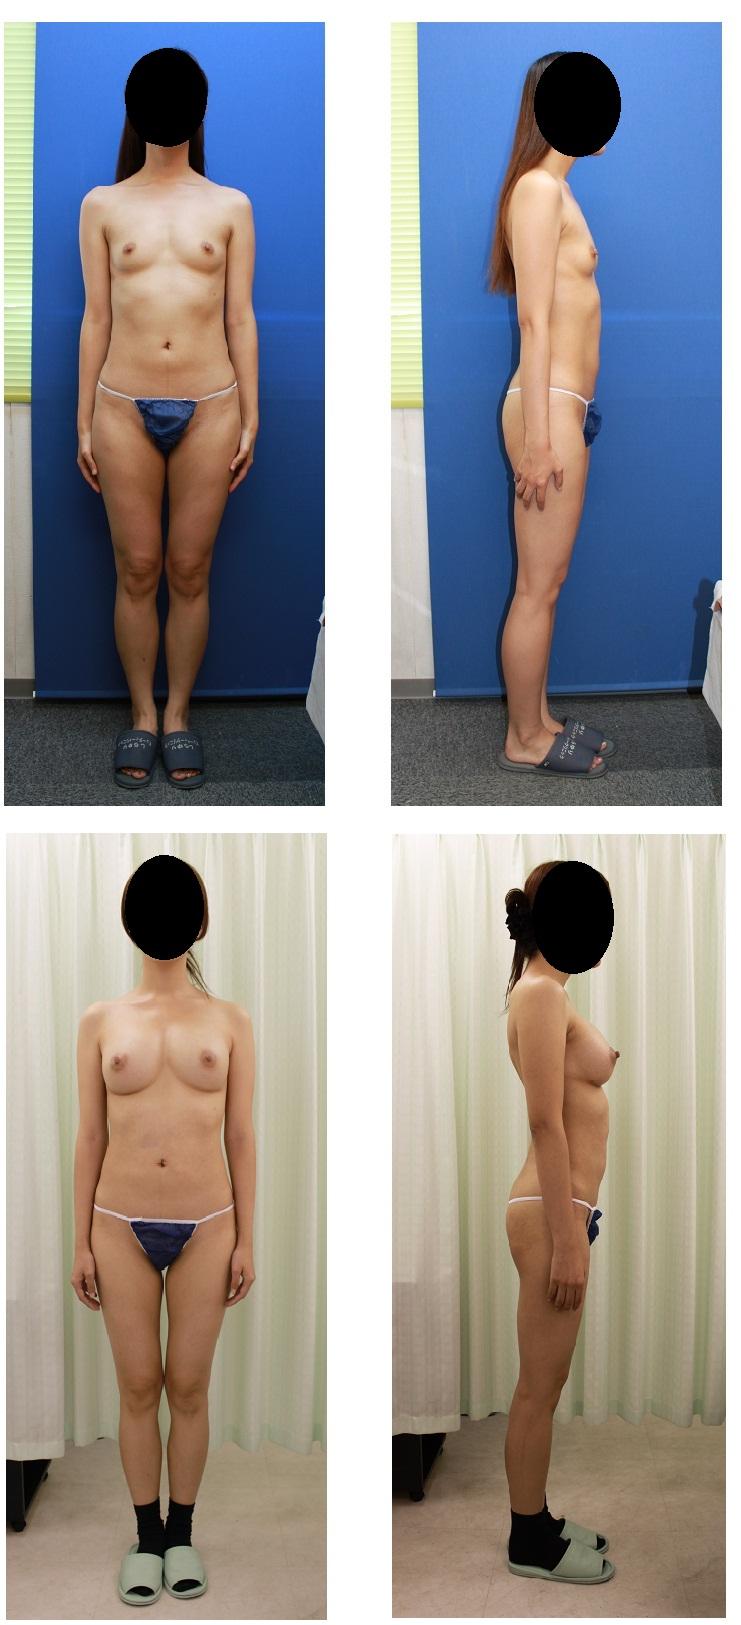 脂肪移植豊胸(1年に3回脂肪移植豊胸後5か月)_d0092965_23421335.jpg